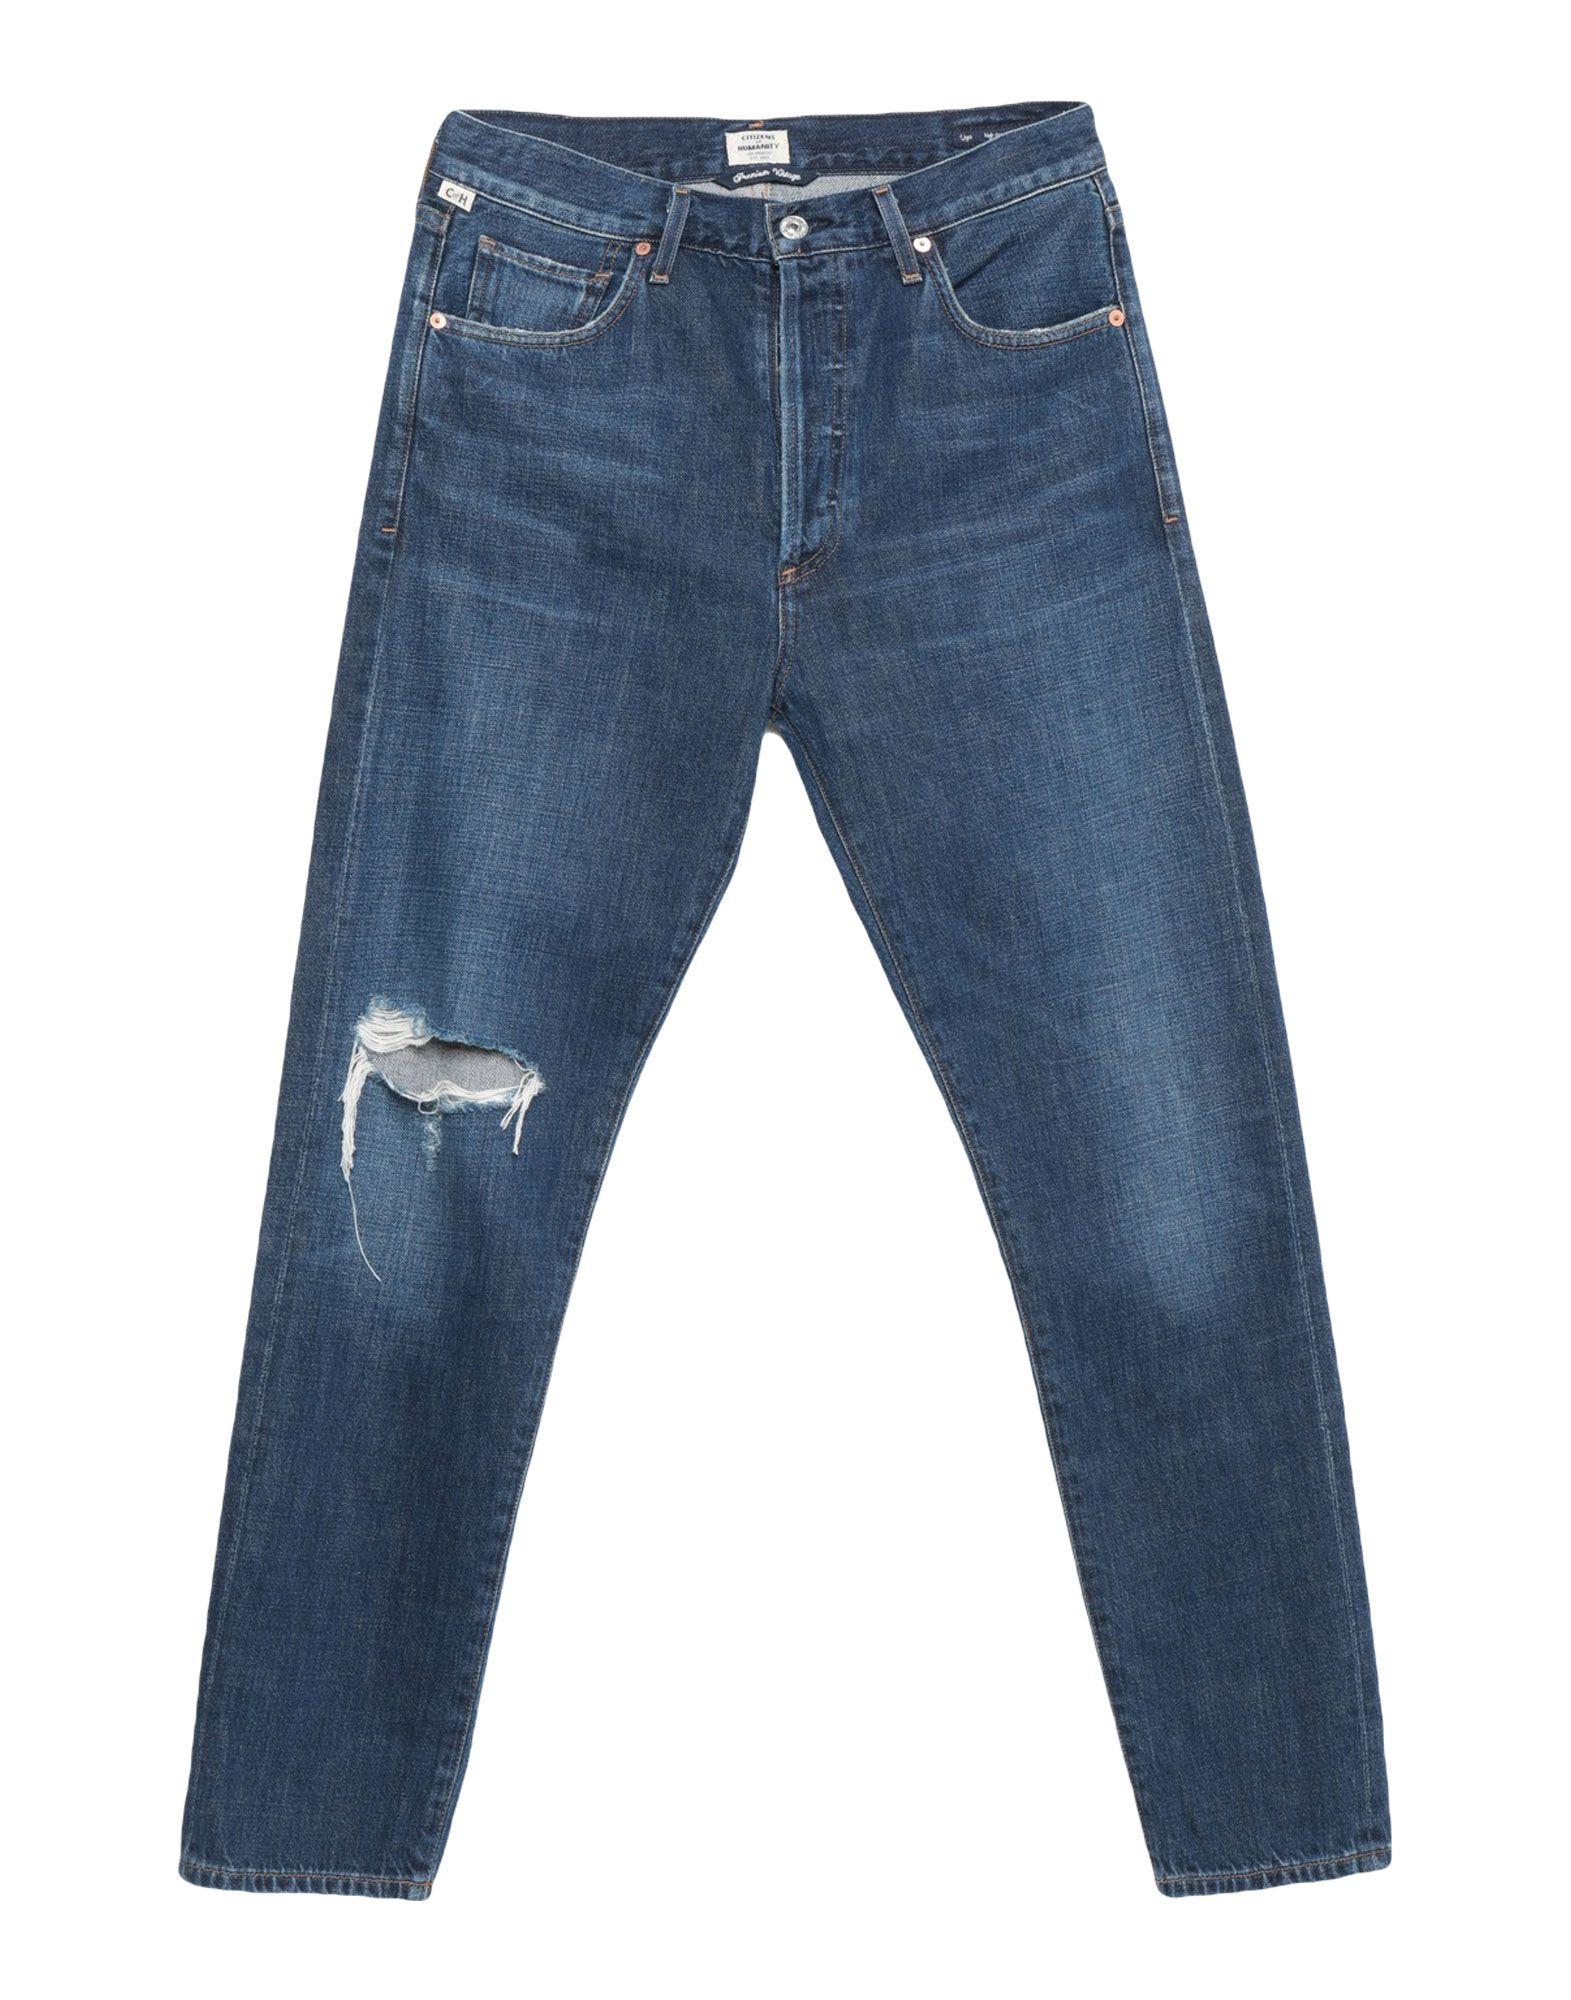 CITIZENS OF HUMANITY Джинсовые брюки citizens of humanity укороченные джинсы rocket sculpt